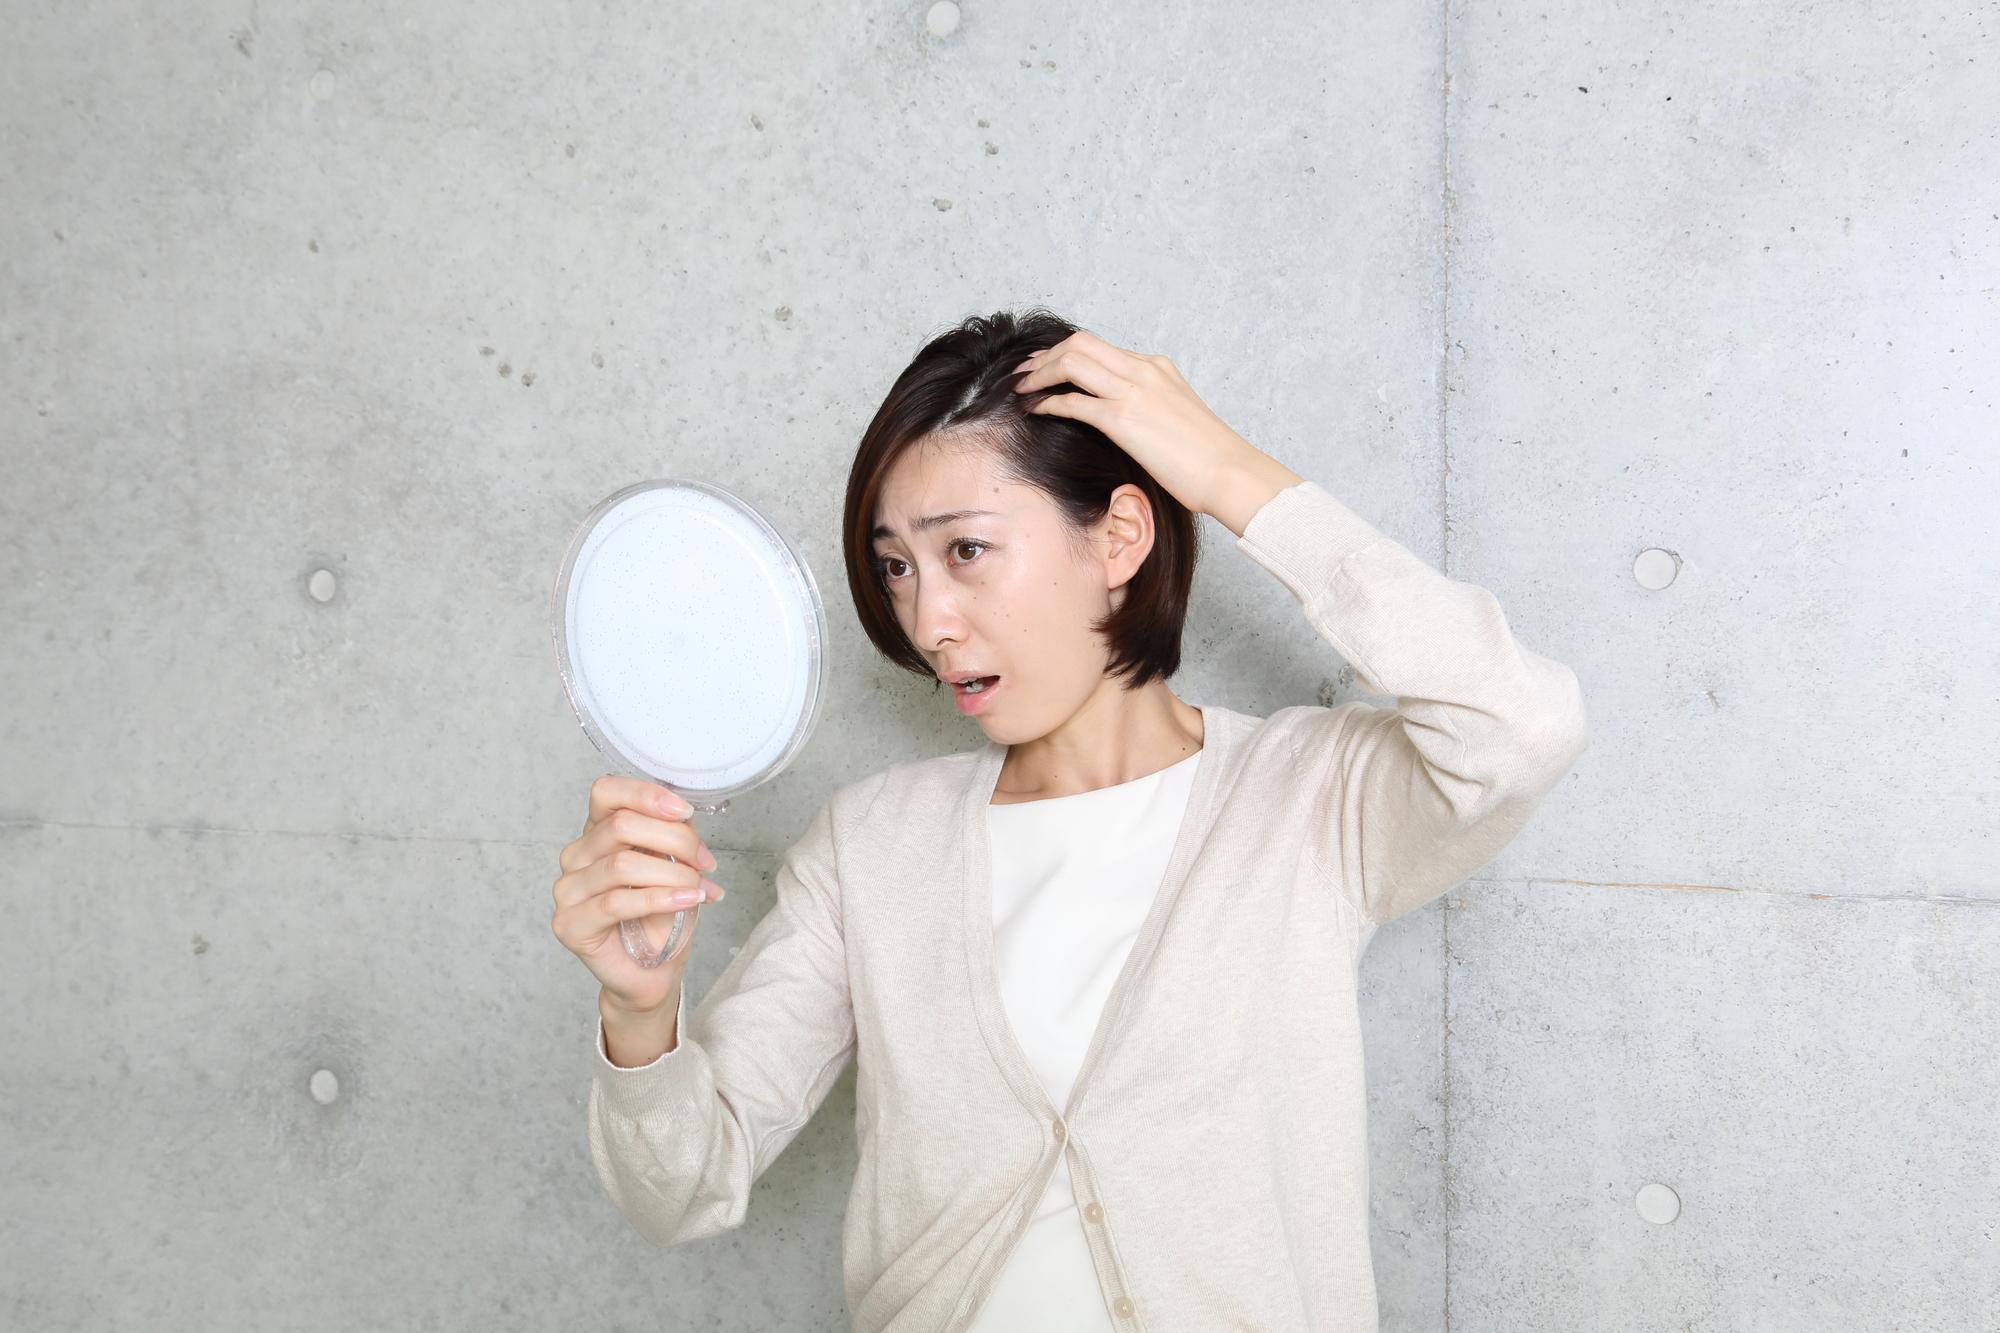 女性の頭皮のかゆみは薄毛につながるって本当?【抜け毛予防法を解説】